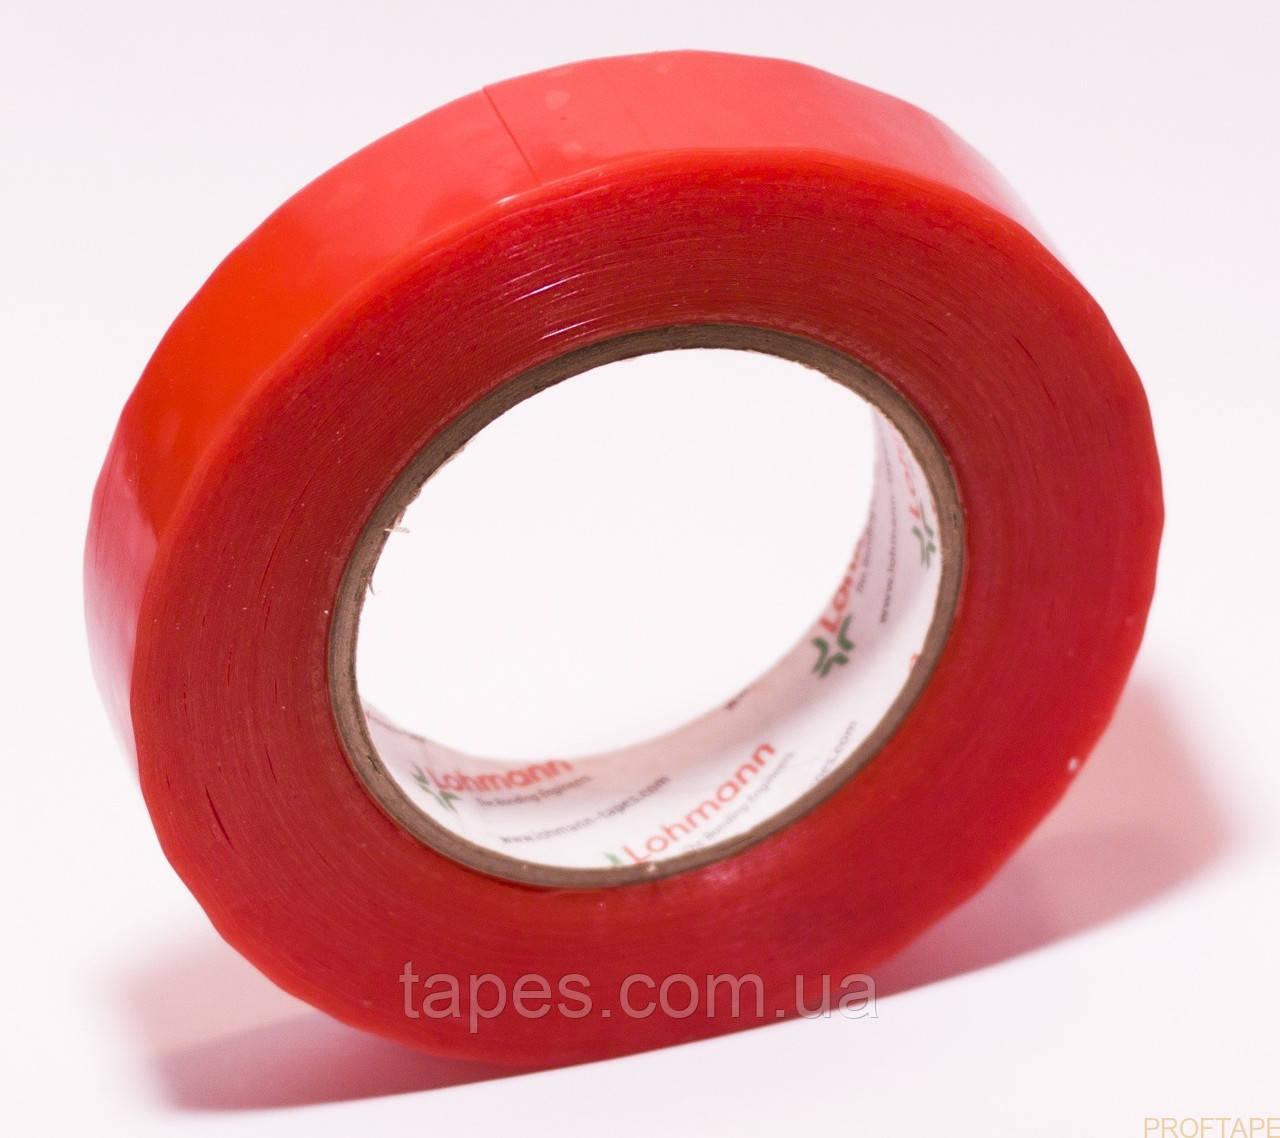 Двухсторонняя прозрачная, не деформируемая монтажная лента (скотч) Lohmann Duplocoll 377, 9мм х 50м х 0,28 мм